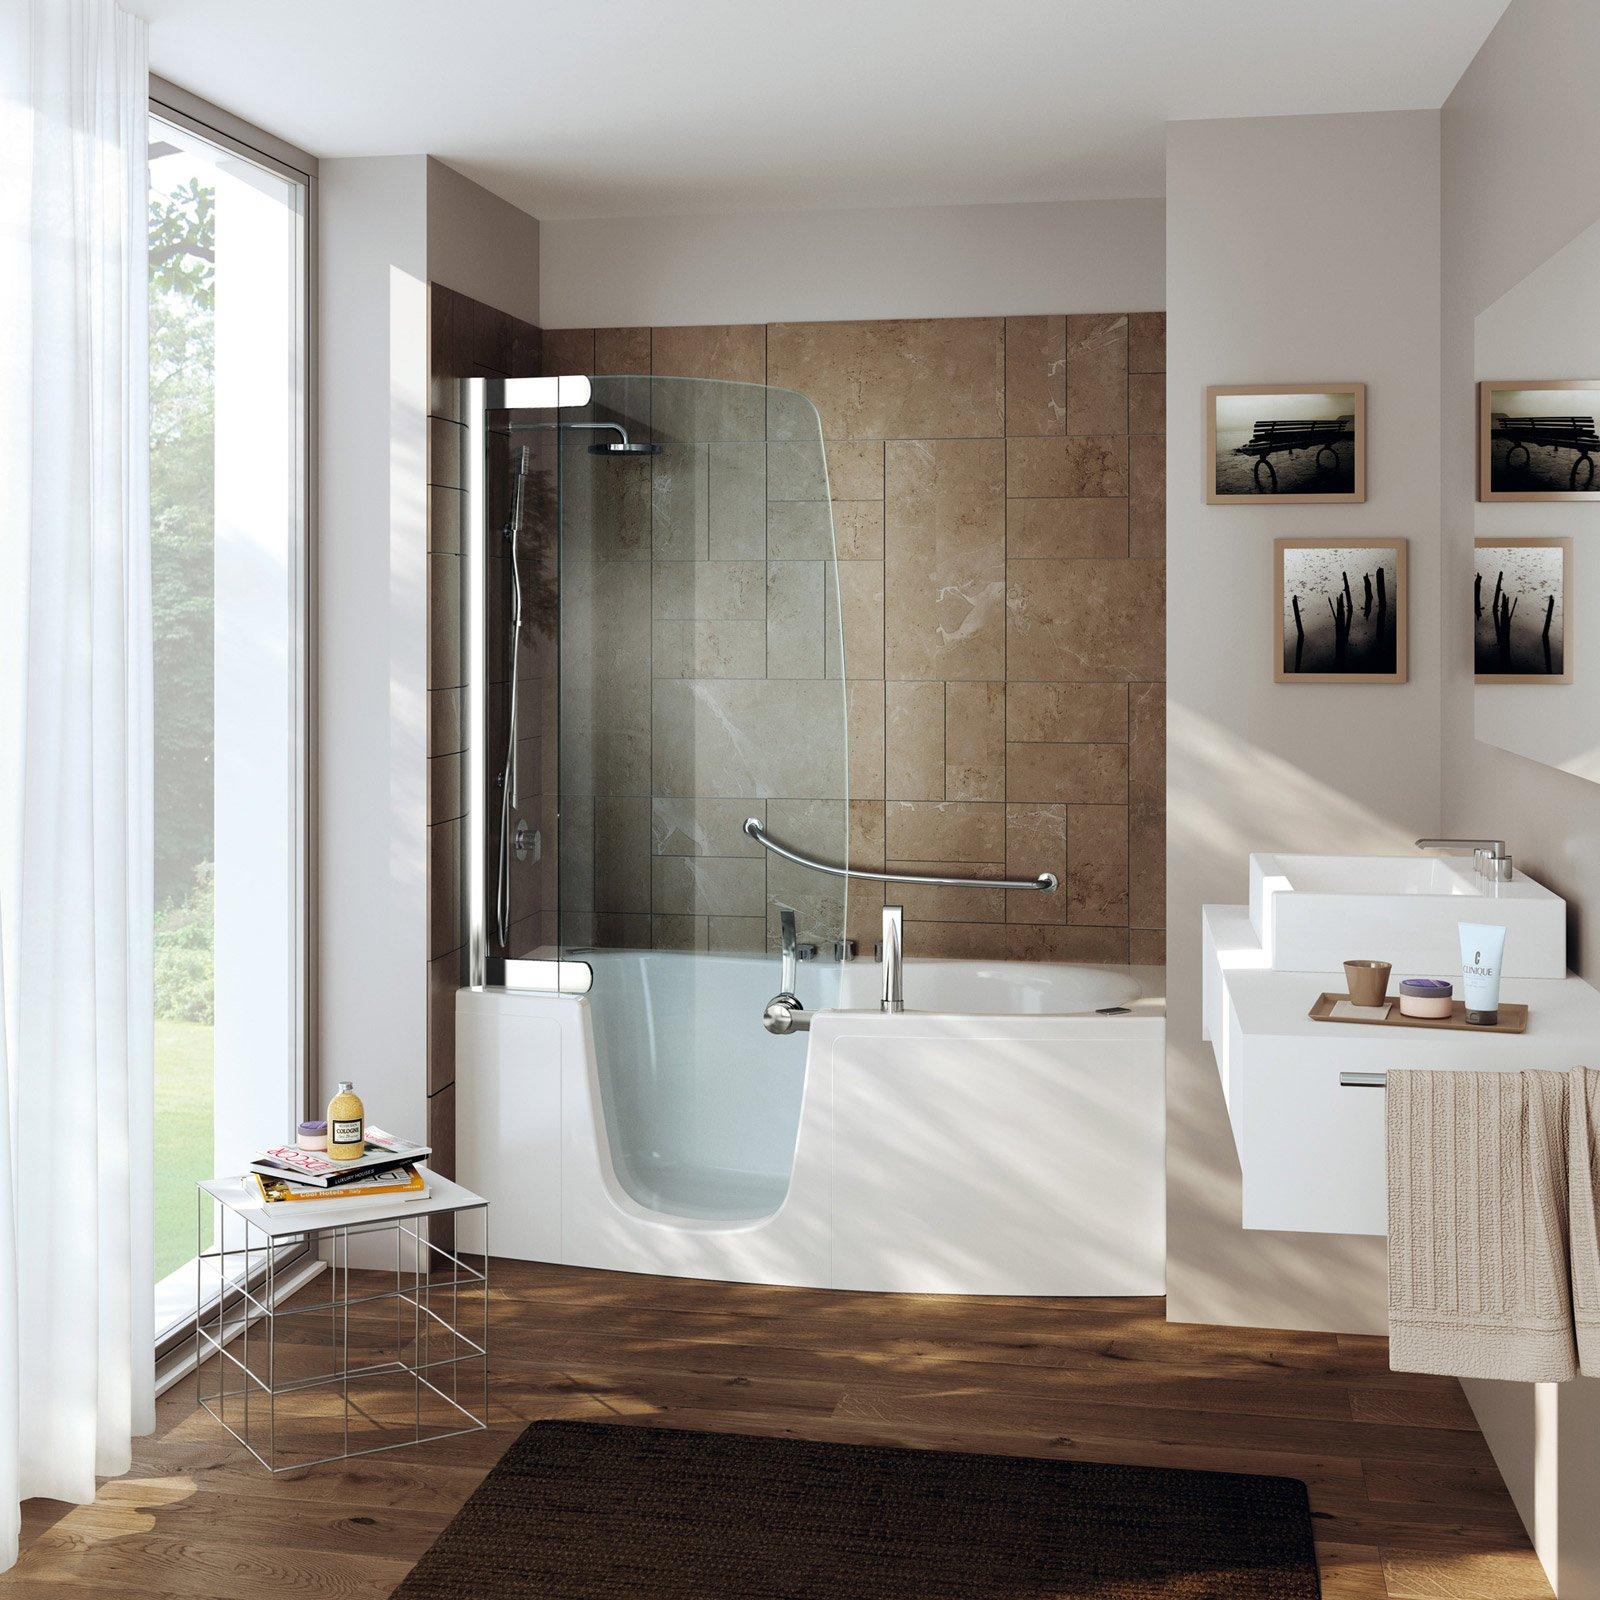 Vasca e doccia insieme cose di casa - Vasche da bagno piccole con seduta ...